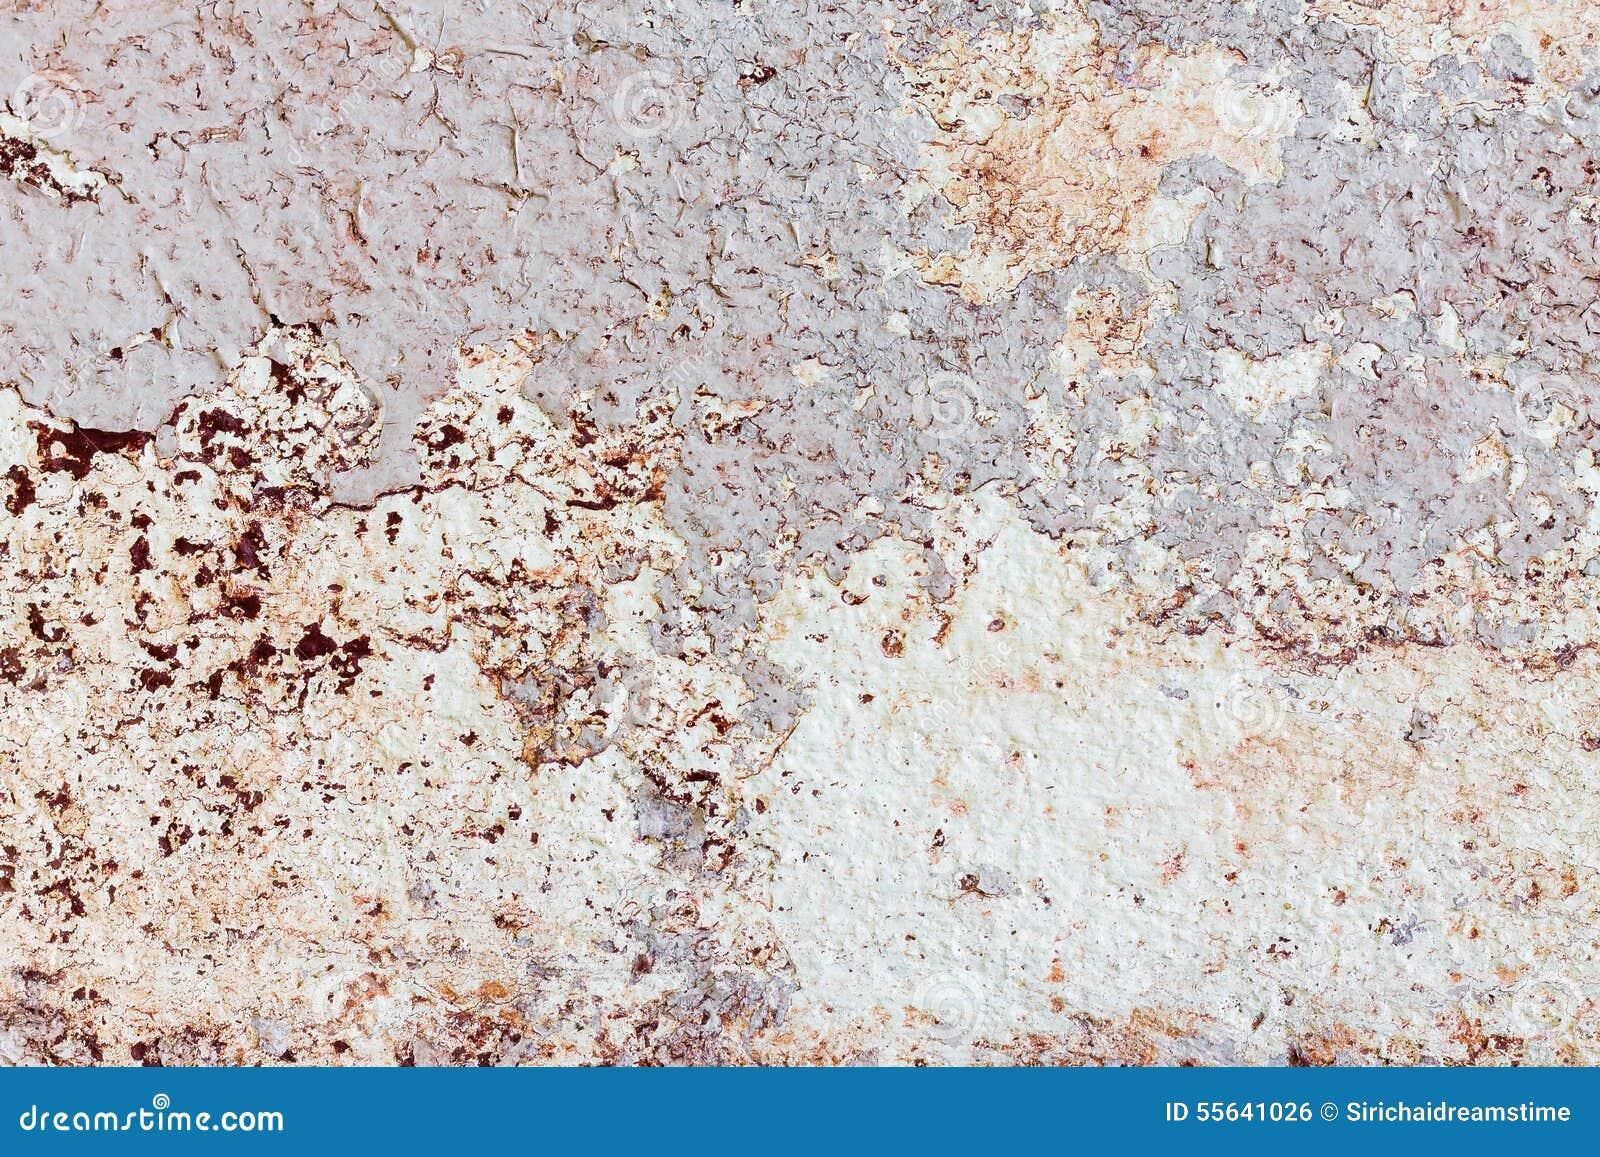 Pittura Per Cemento : Pittura per uso interno sul fondo di struttura dei mura di cemento